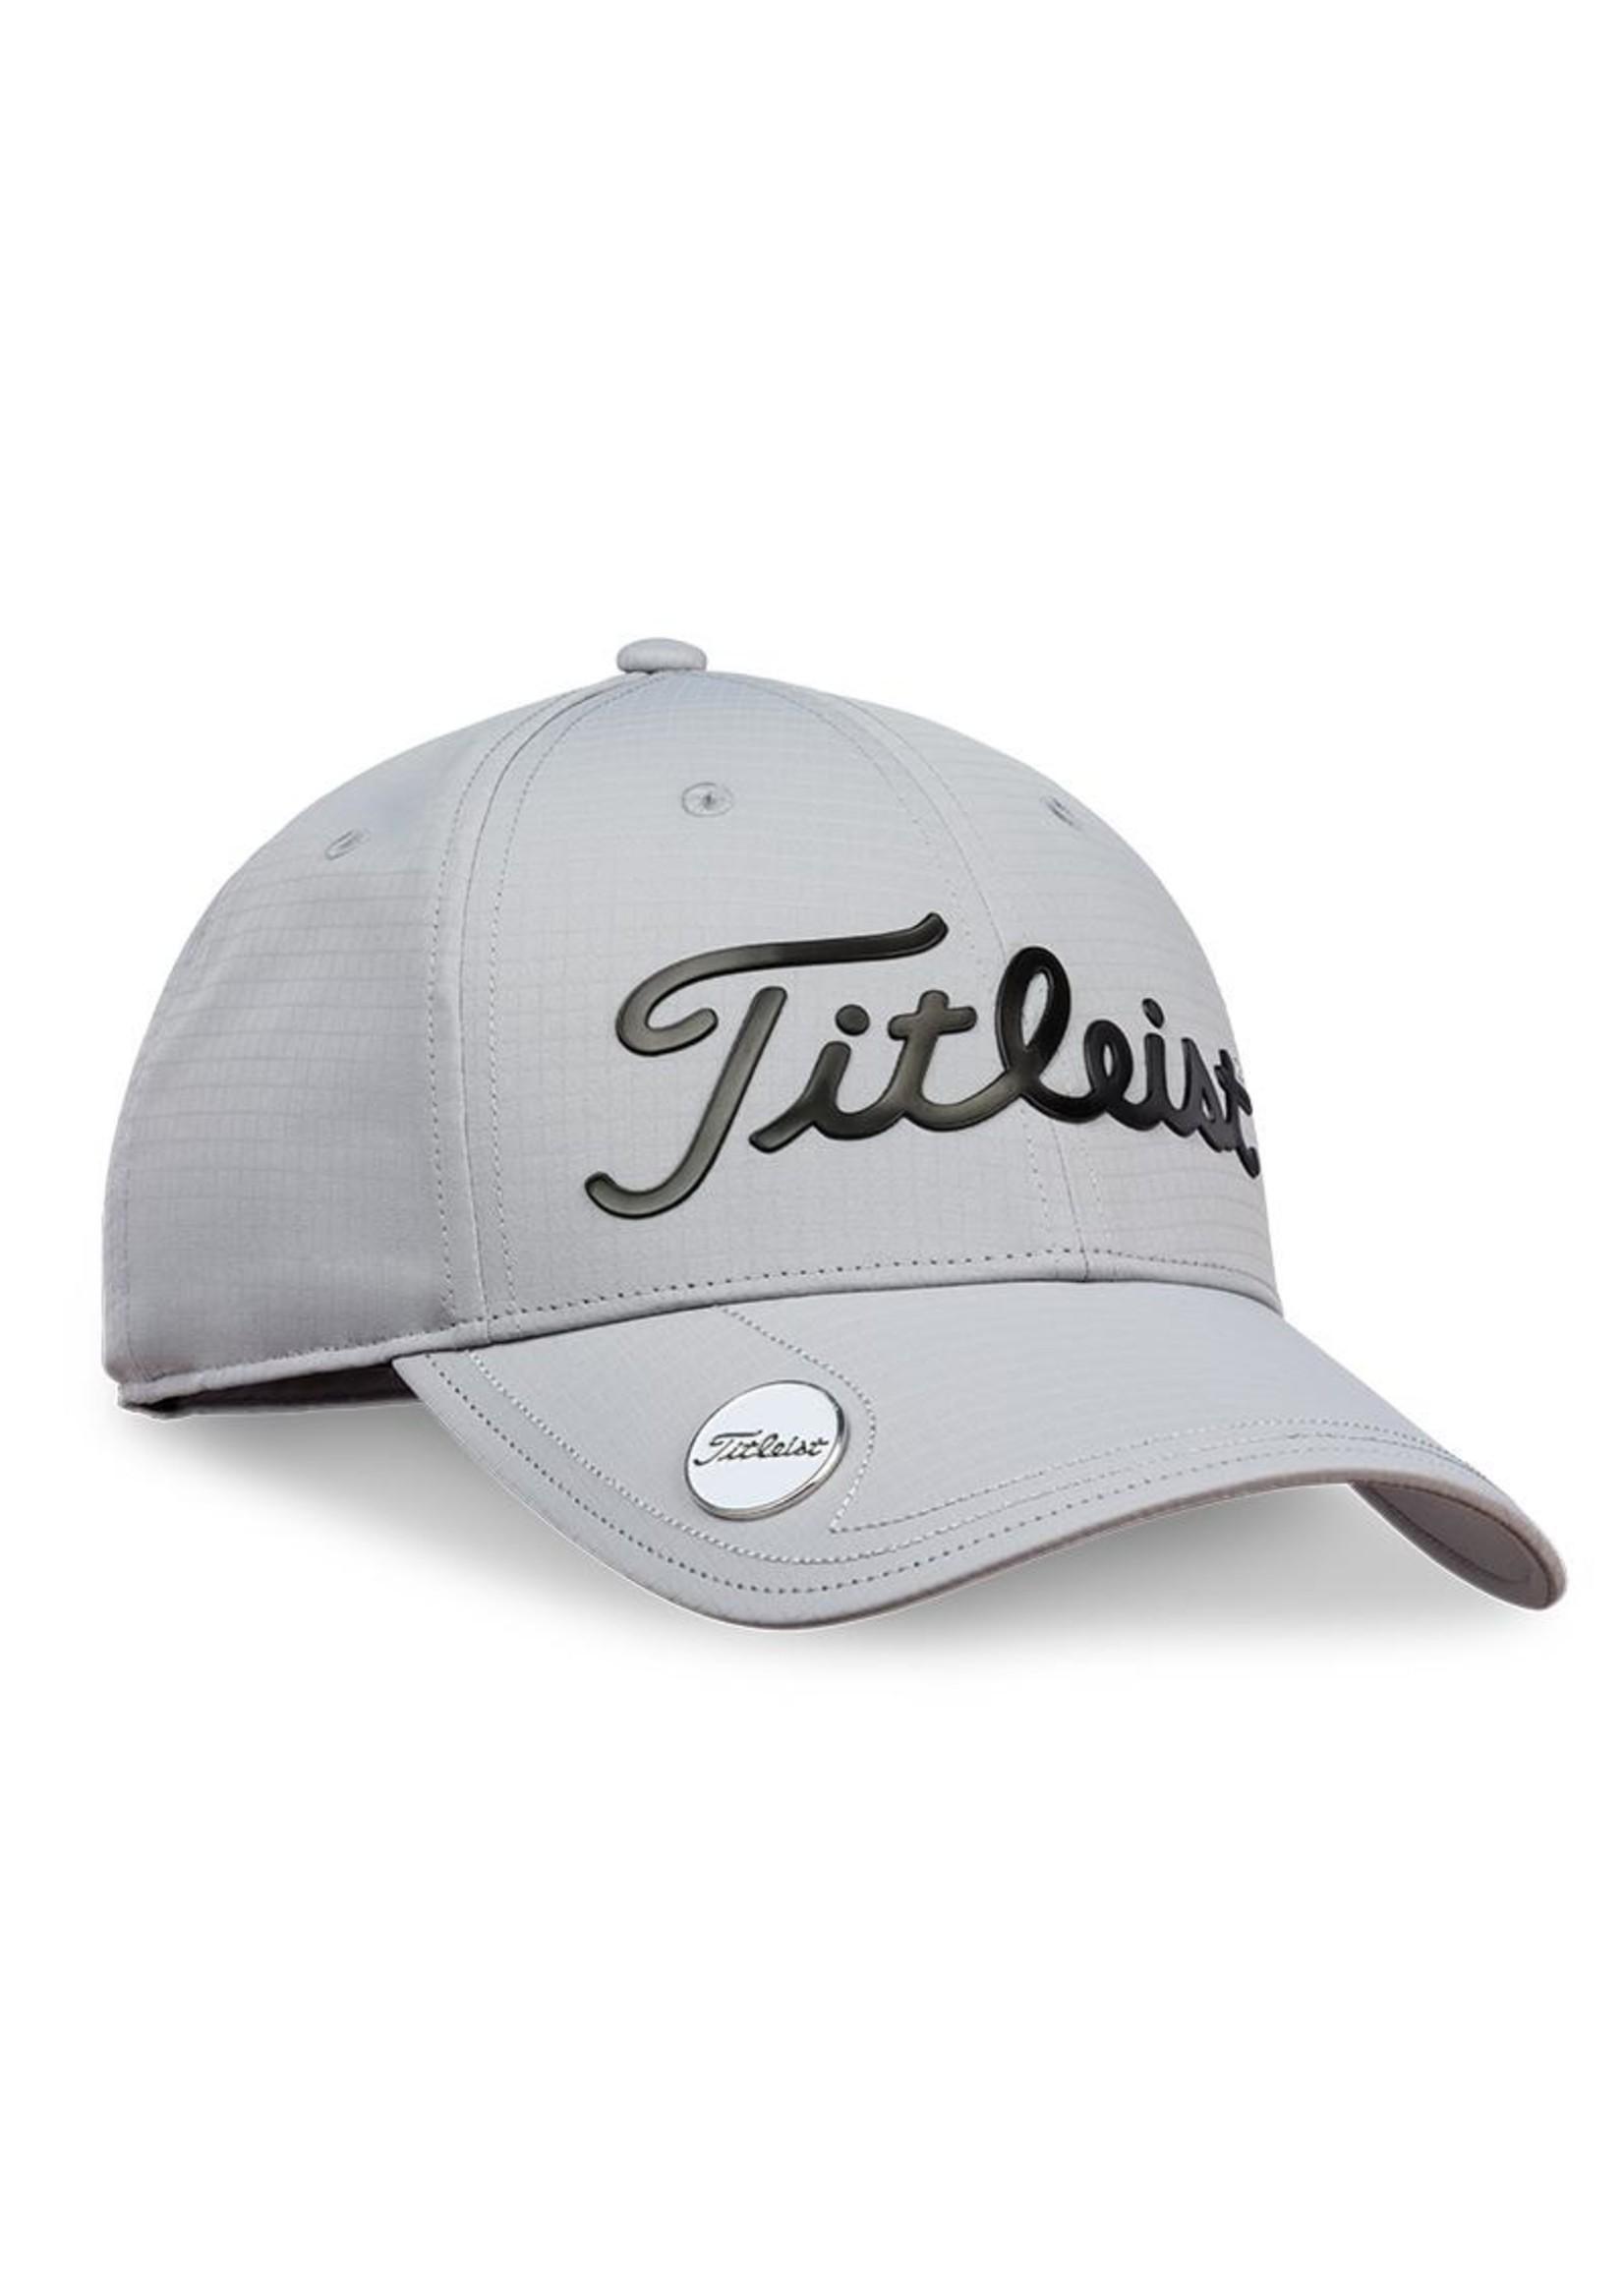 Titleist Titleist Tour Performance Ball Marker Cap (2019)